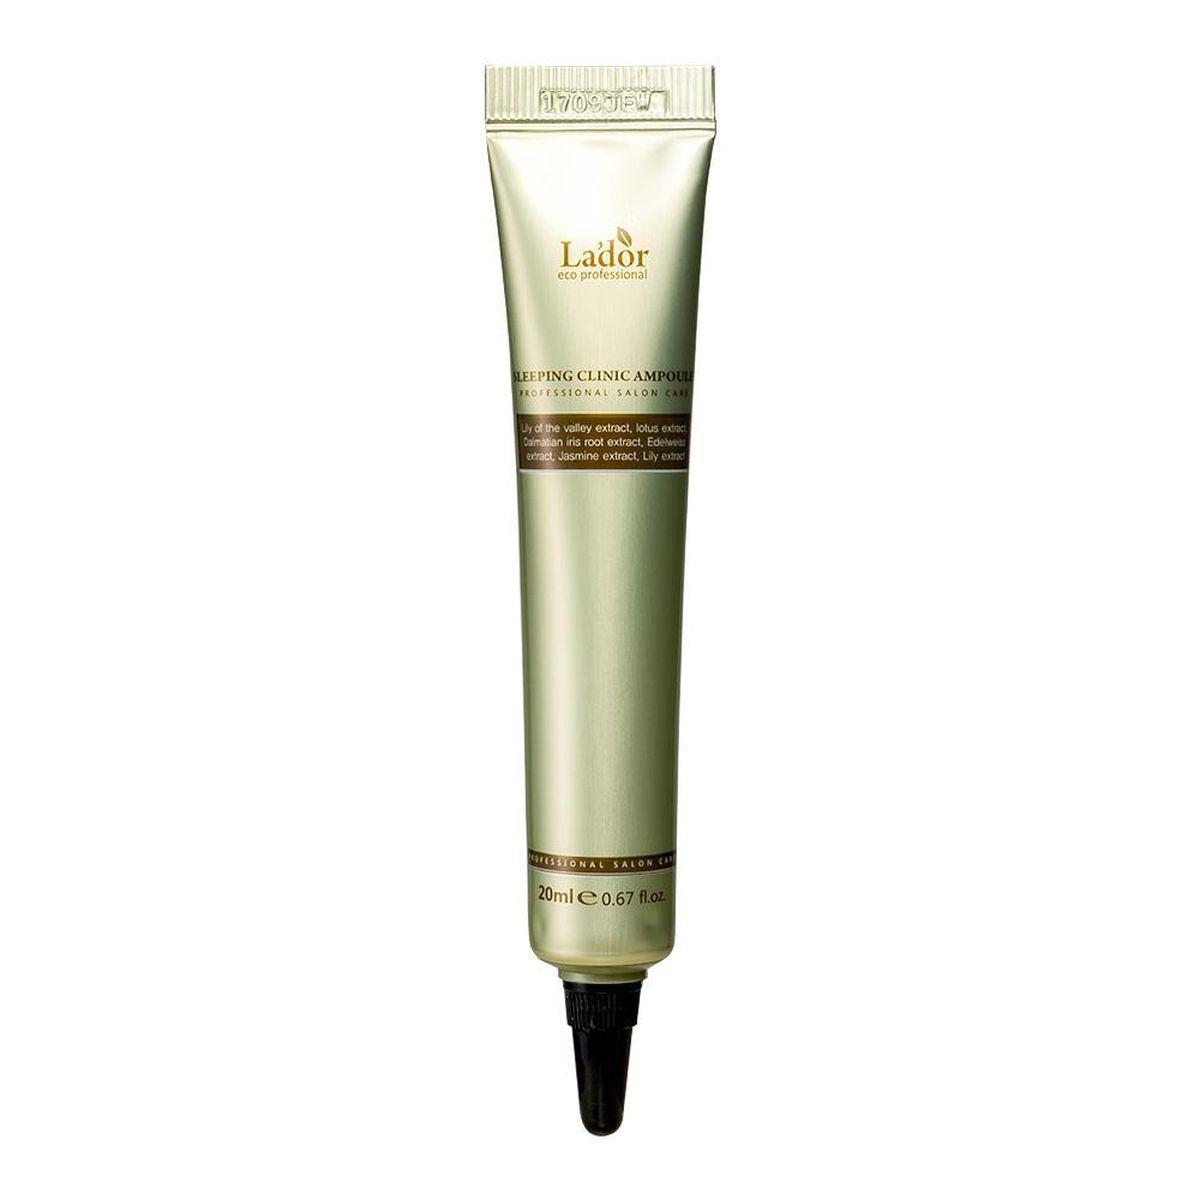 Ночная сыворотка для волос Lador Keratin Power Fill Up Sleeping Clinic Ampoule - 20 мл